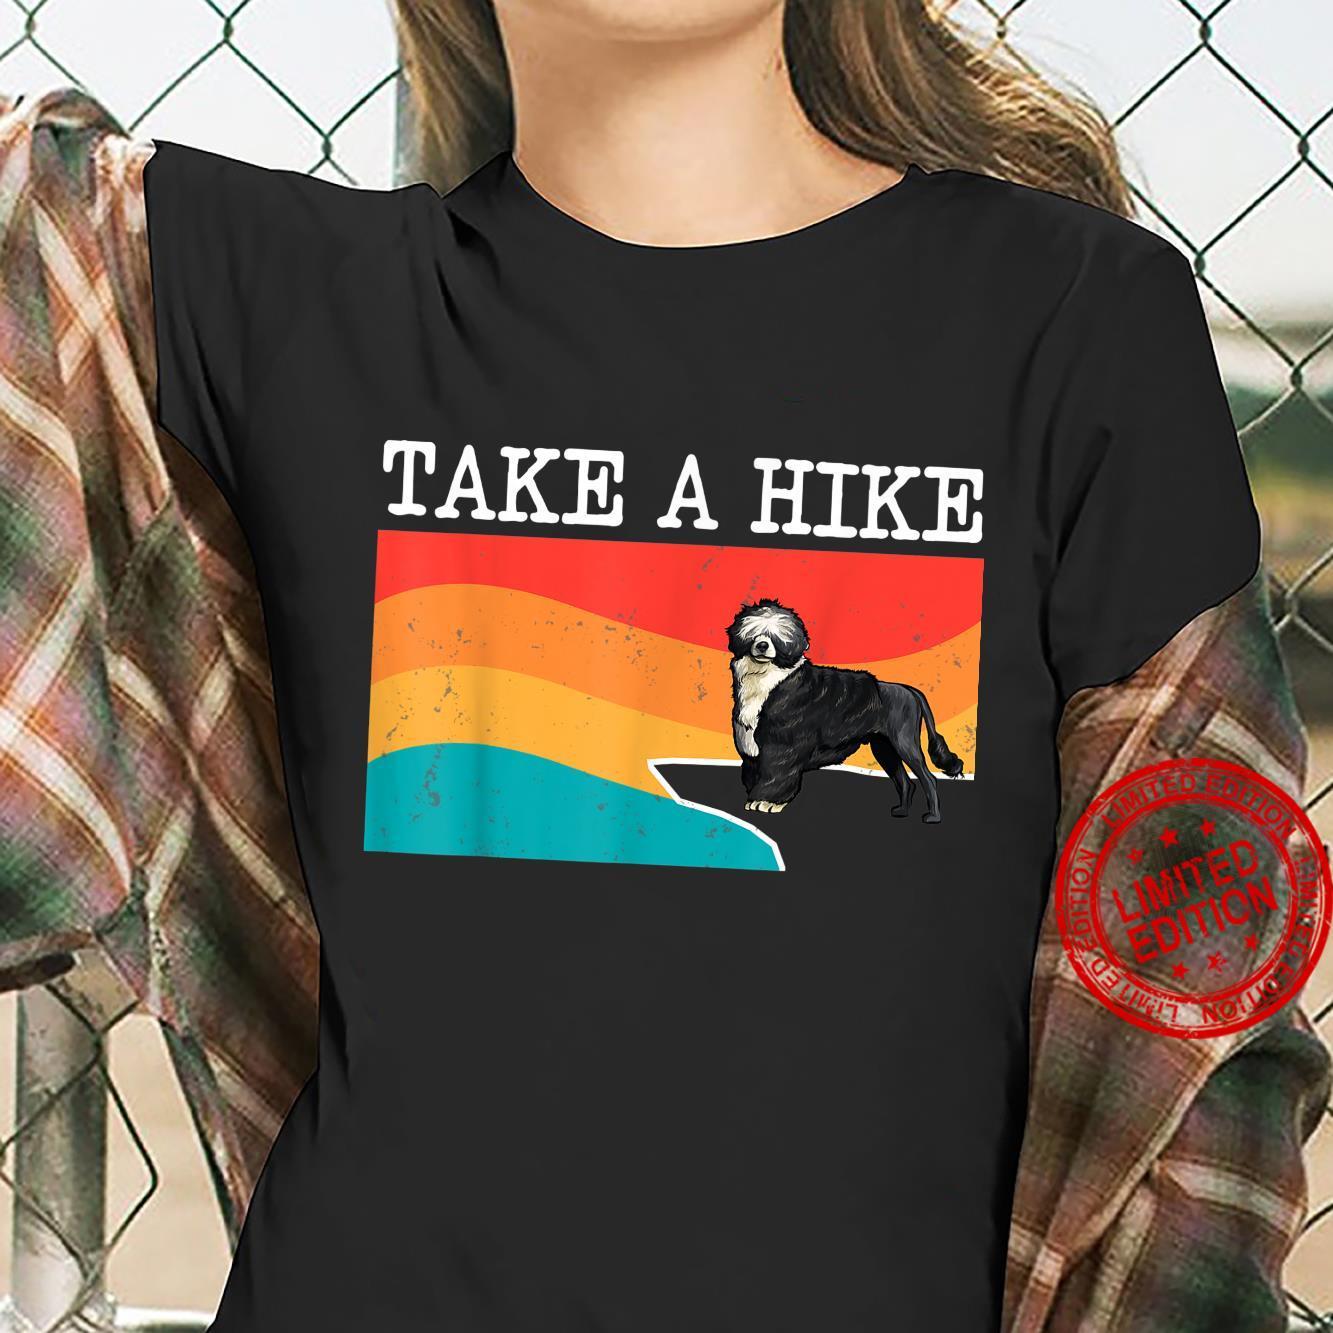 Hiking Shirt ladies tee